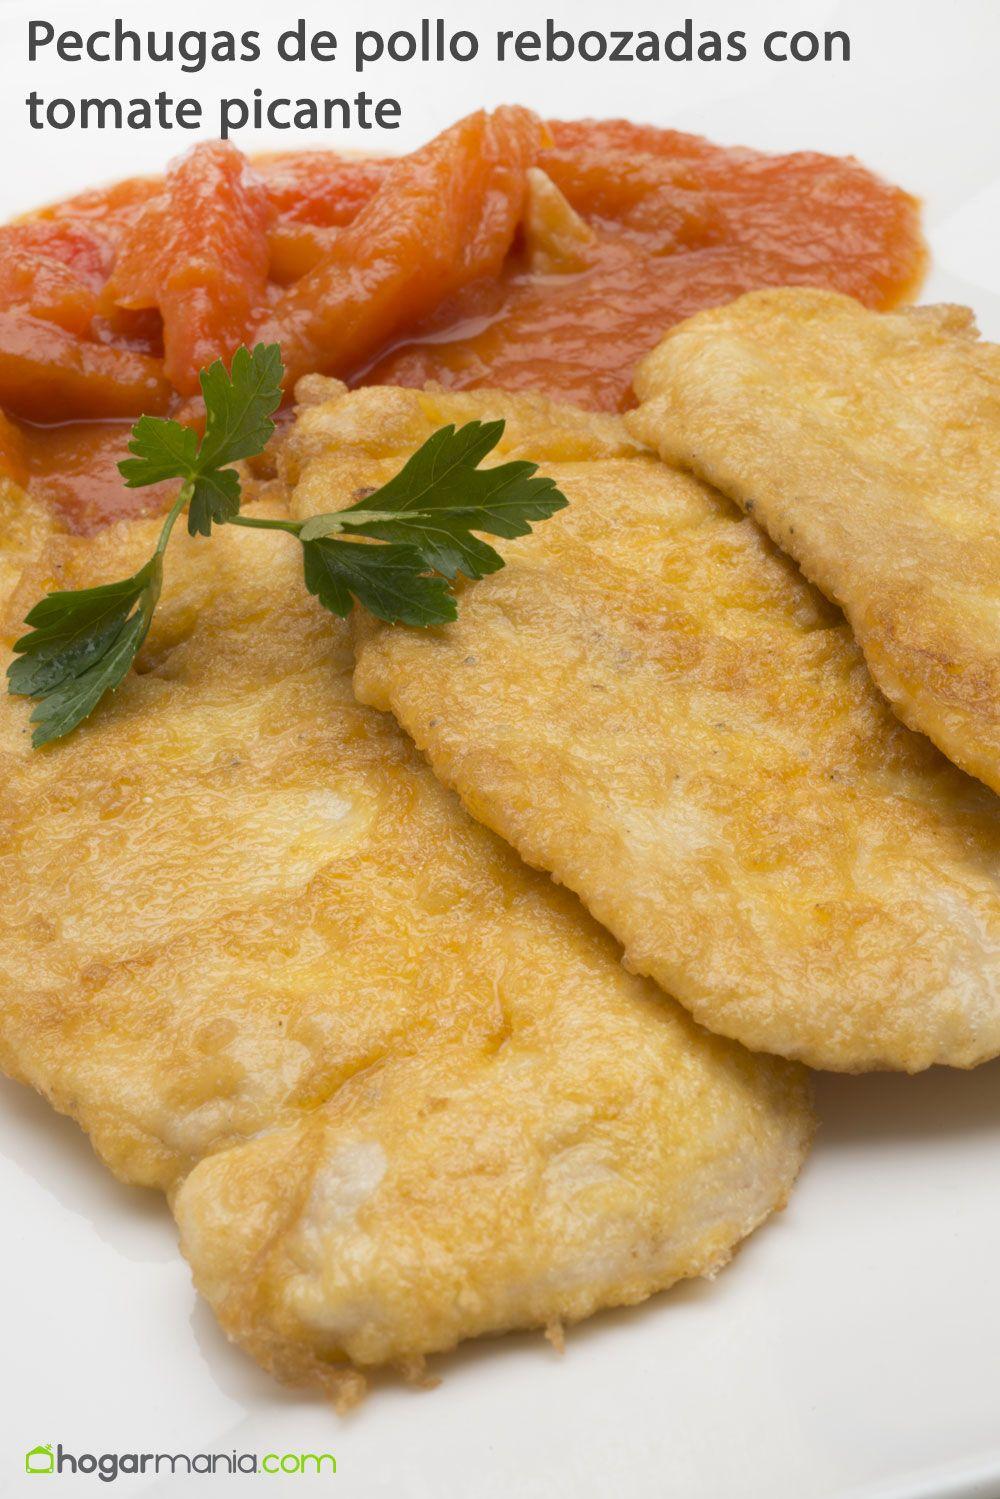 Pechugas de pollo rebozadas con tomate picante